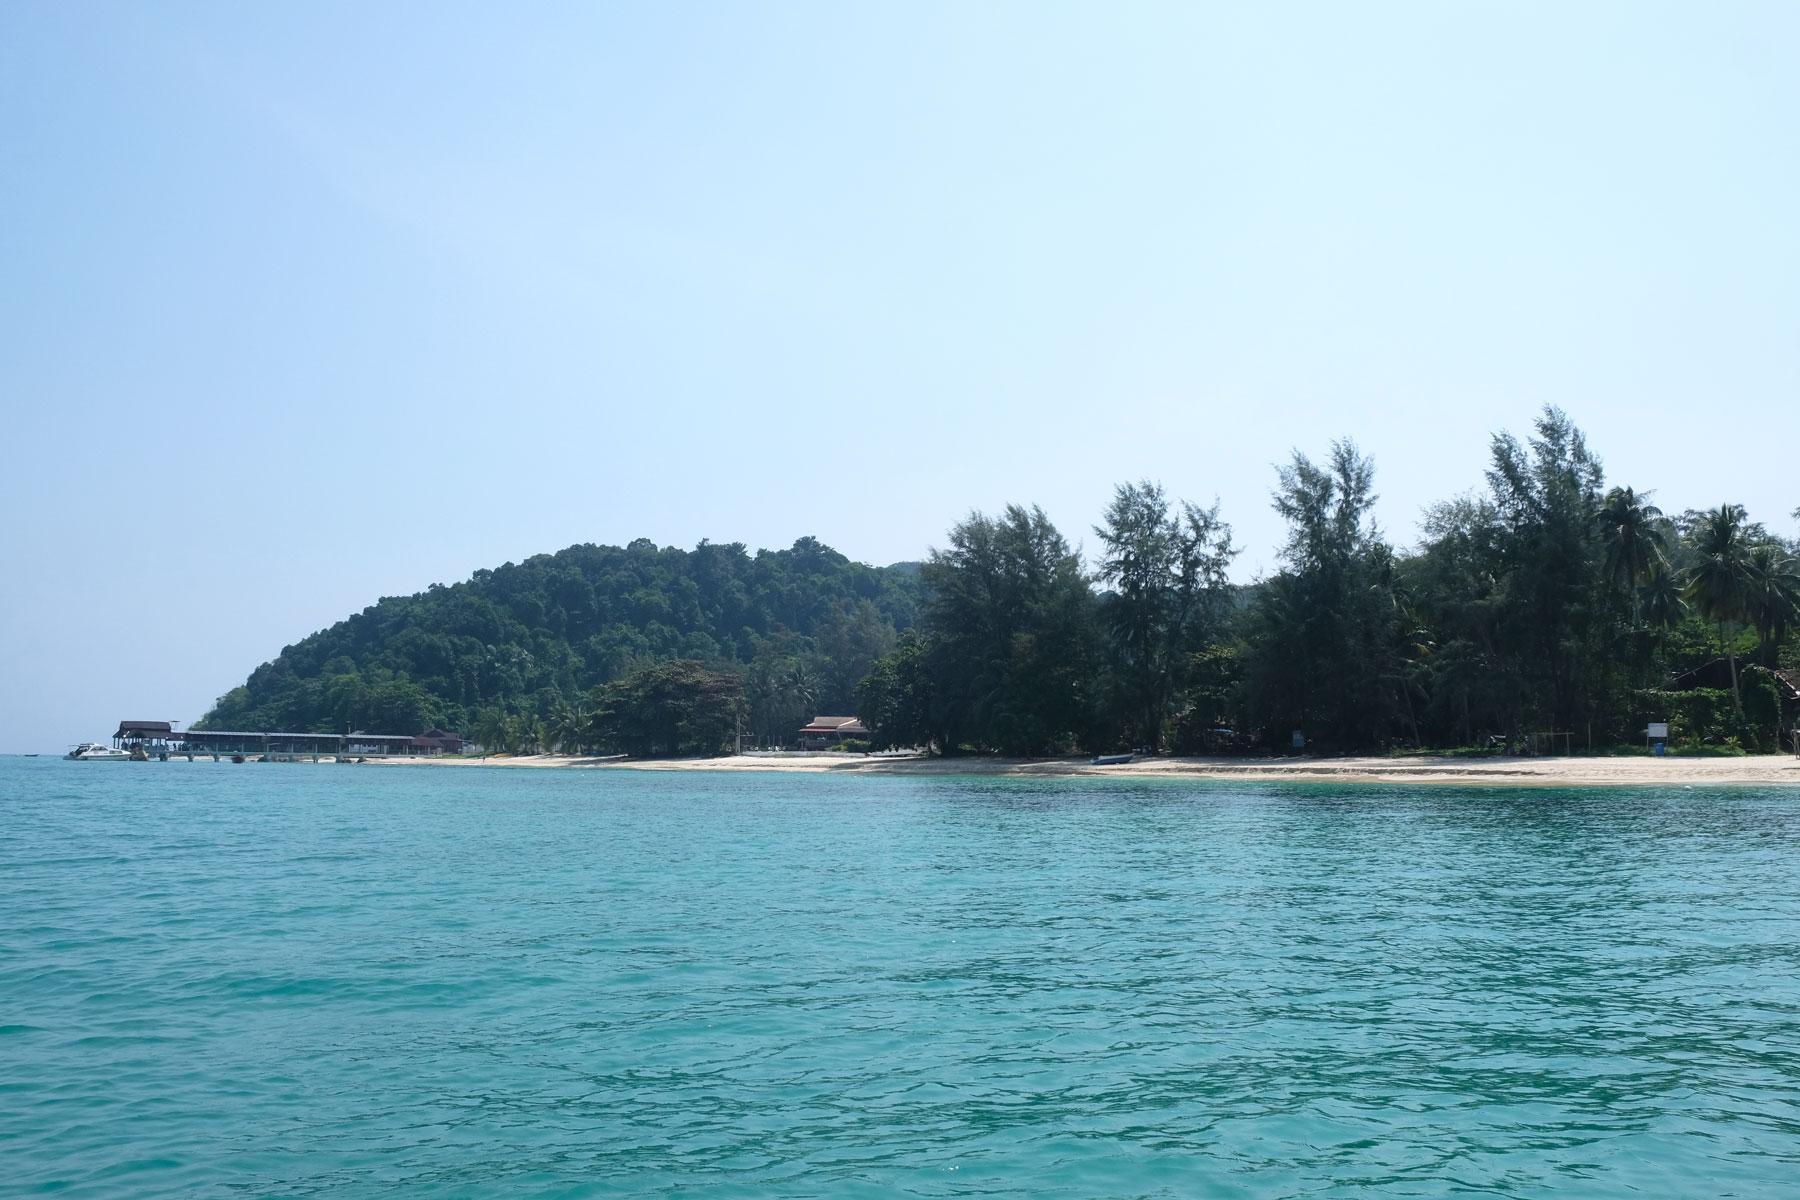 Die Insel Kapas erhebt sich aus dem Meer